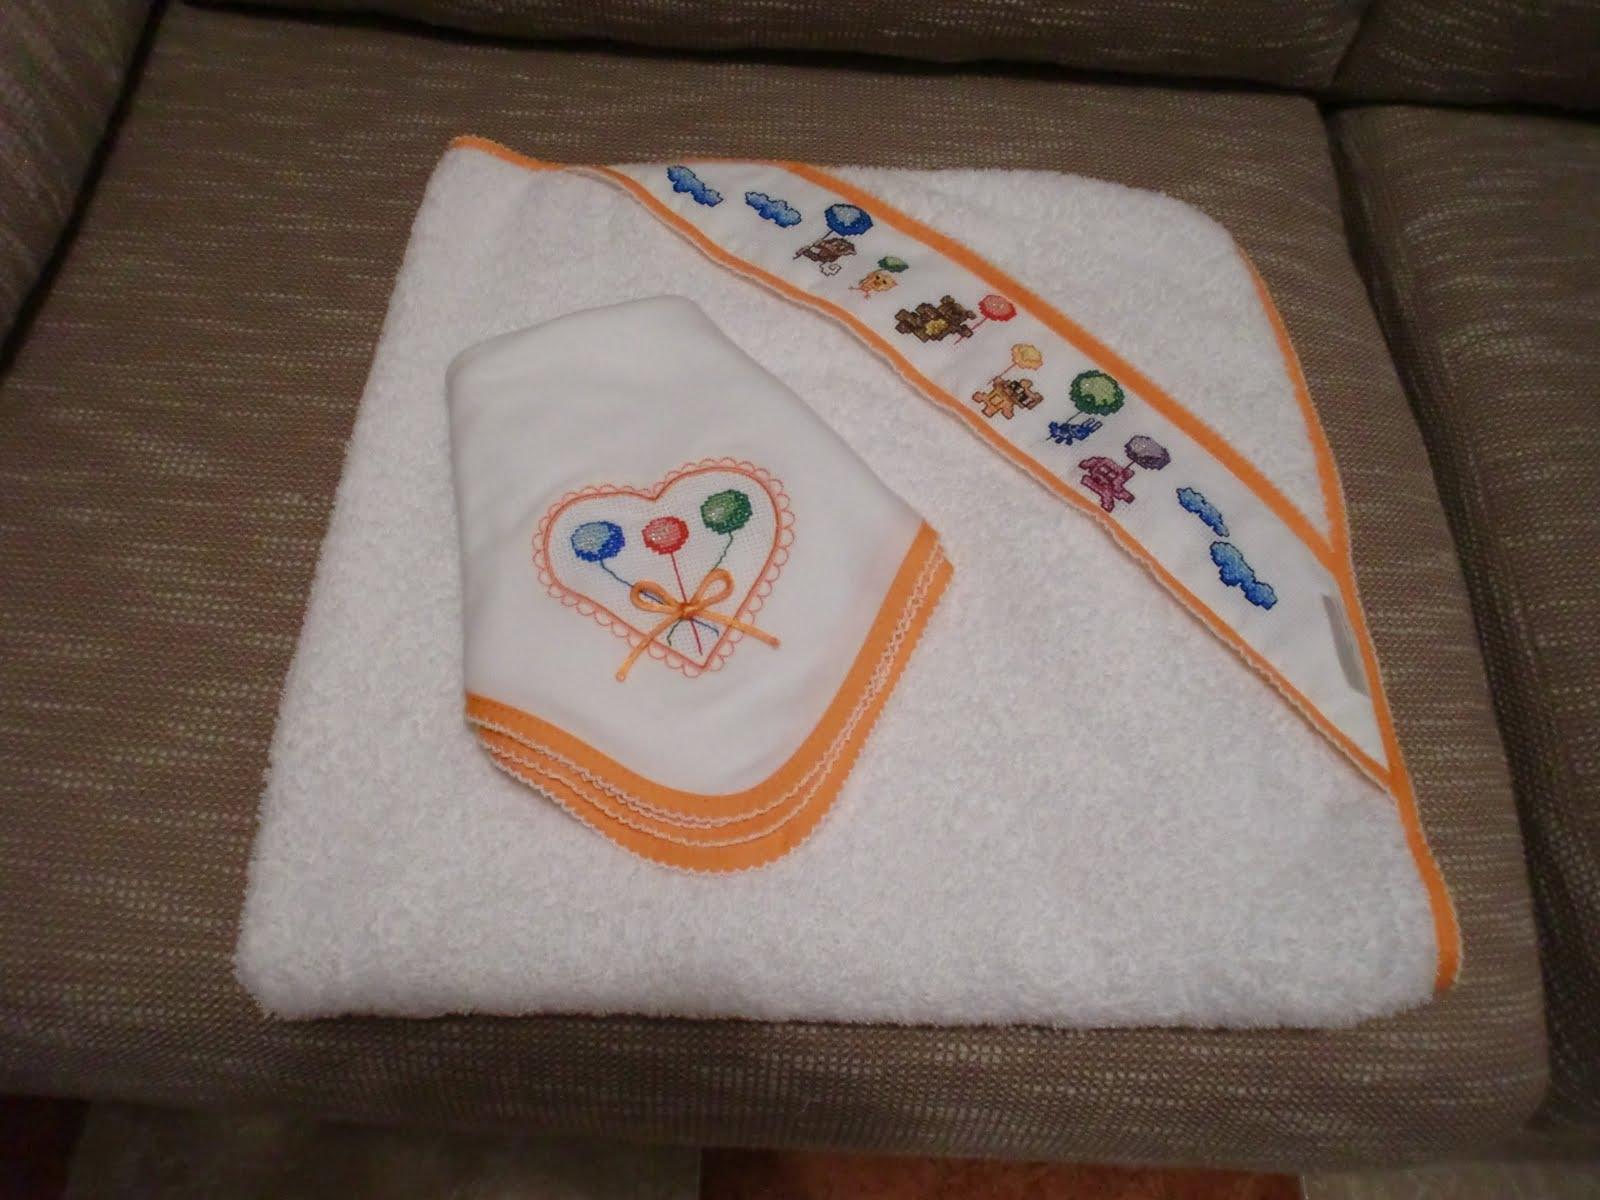 Las labores de sabella toalla ba o de beb - Toalla bano bebe ...